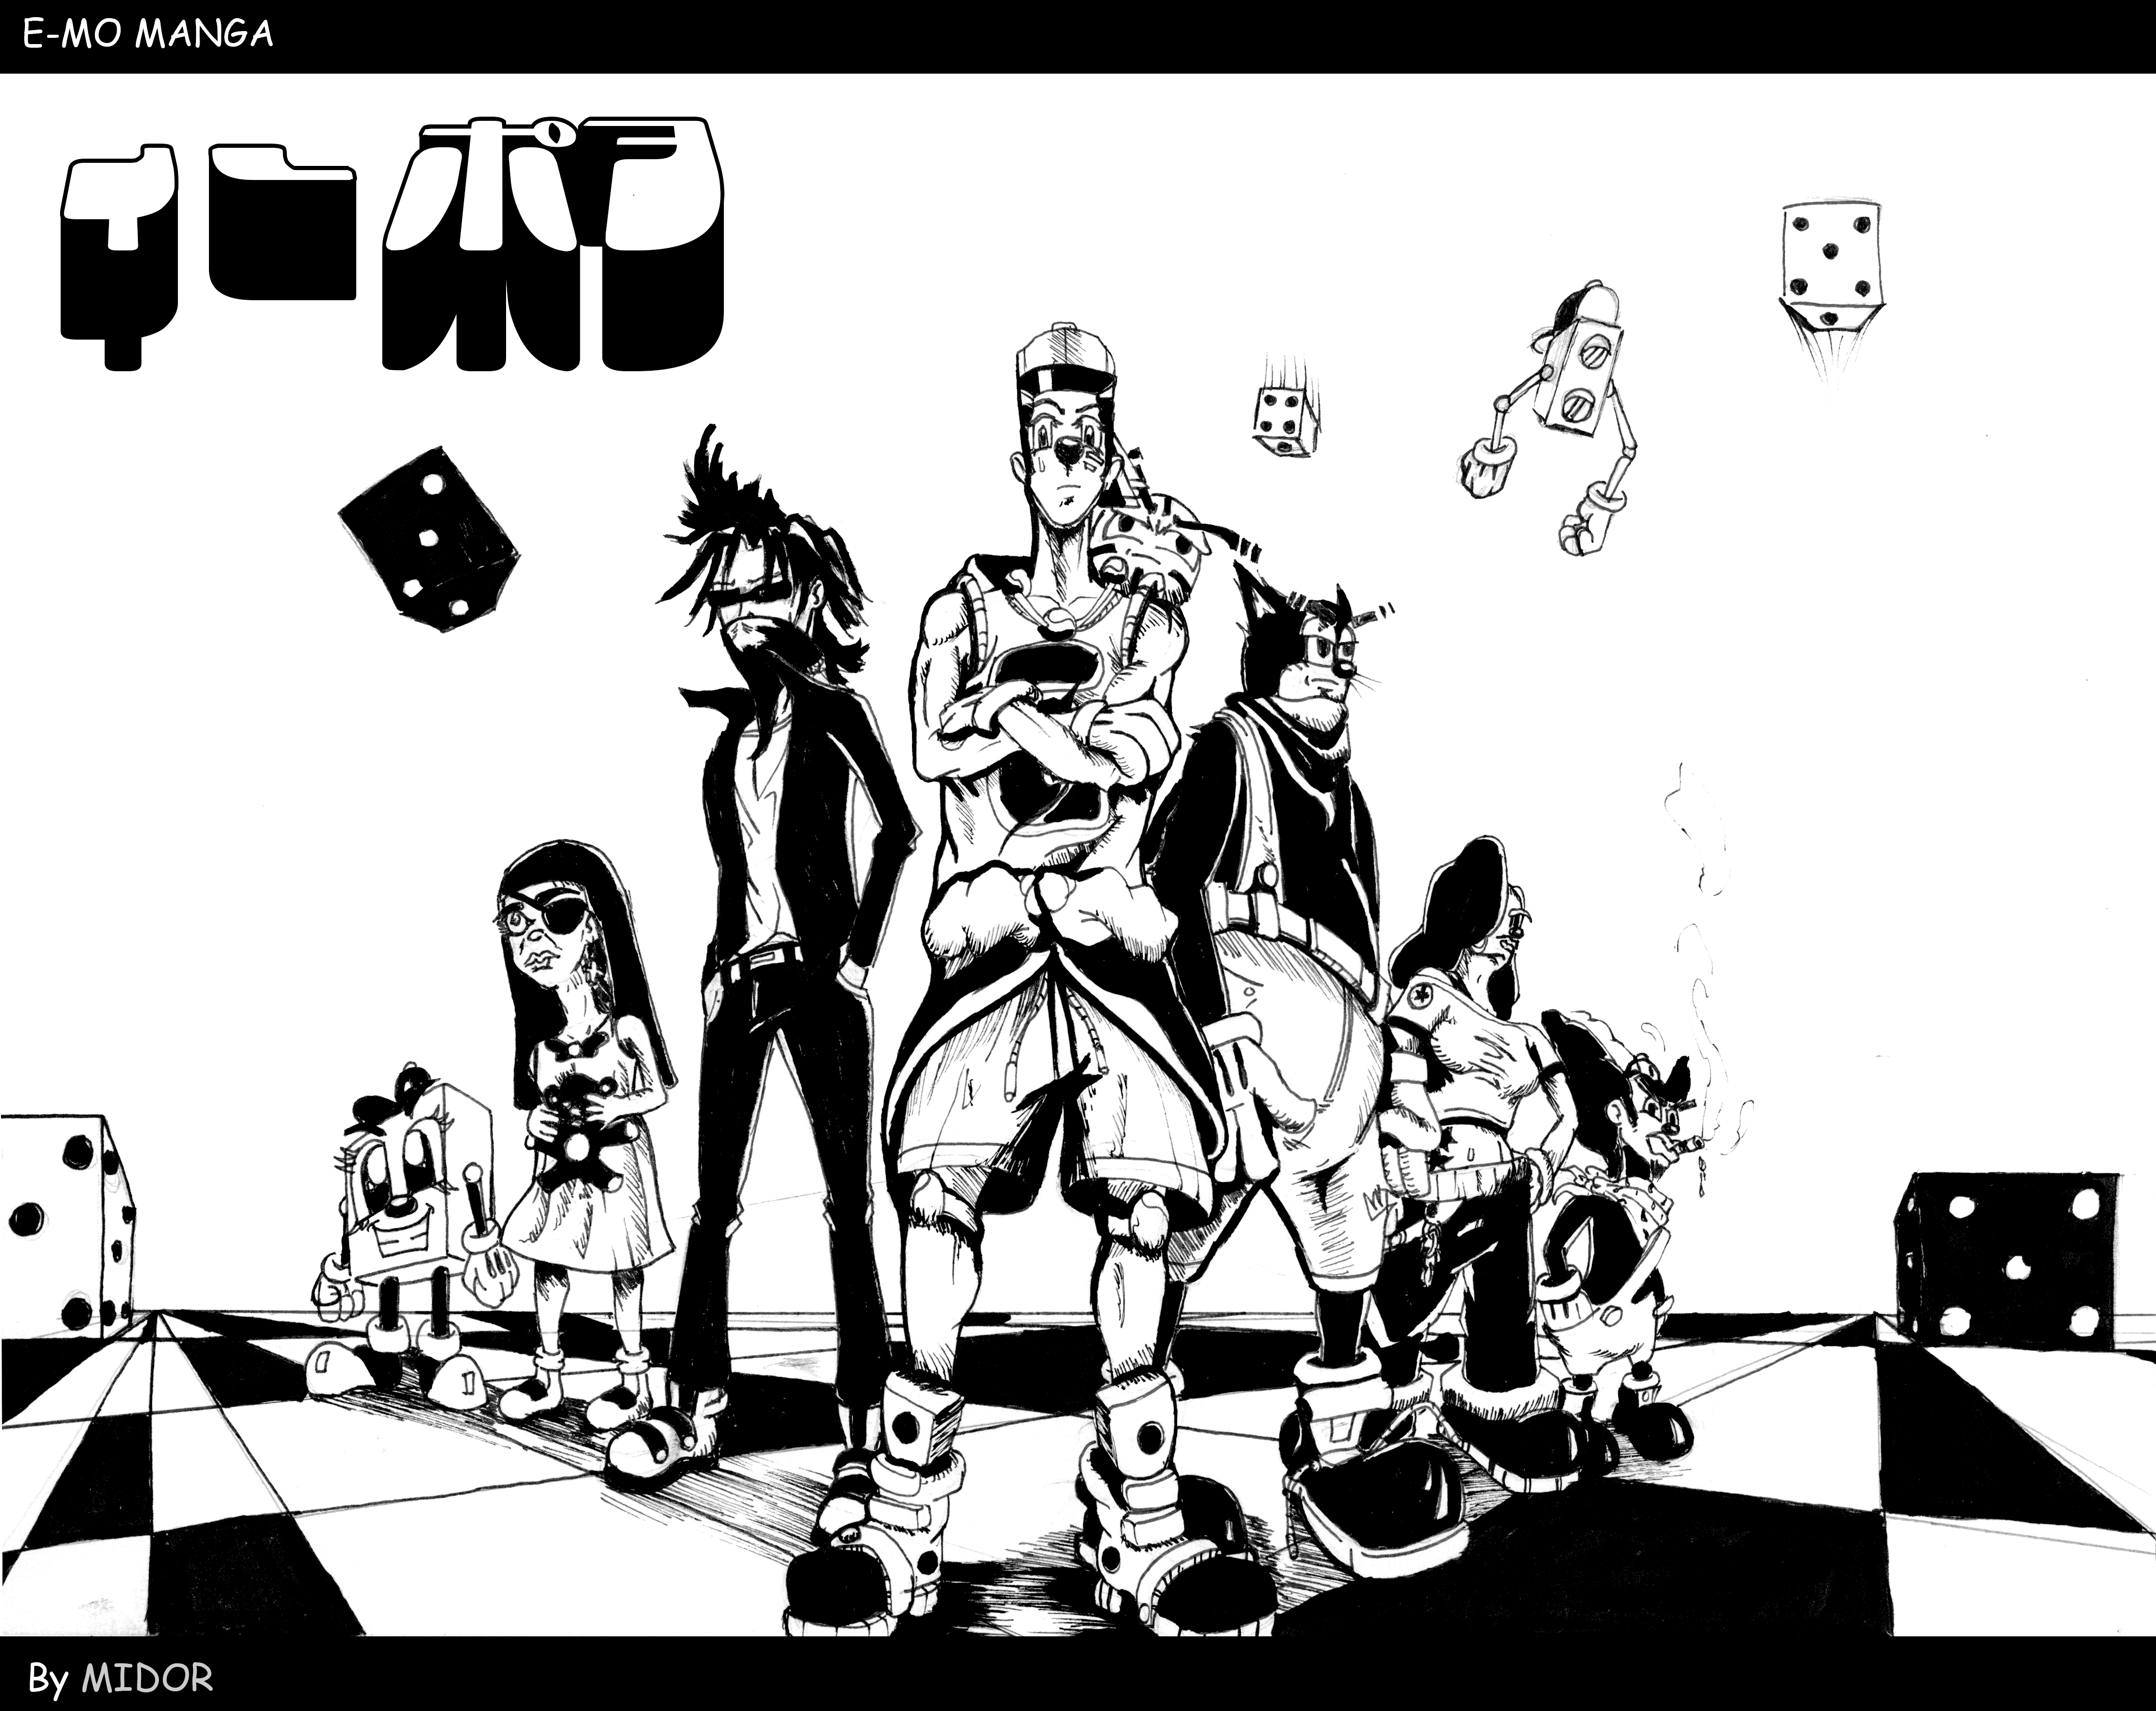 E-mo manga print